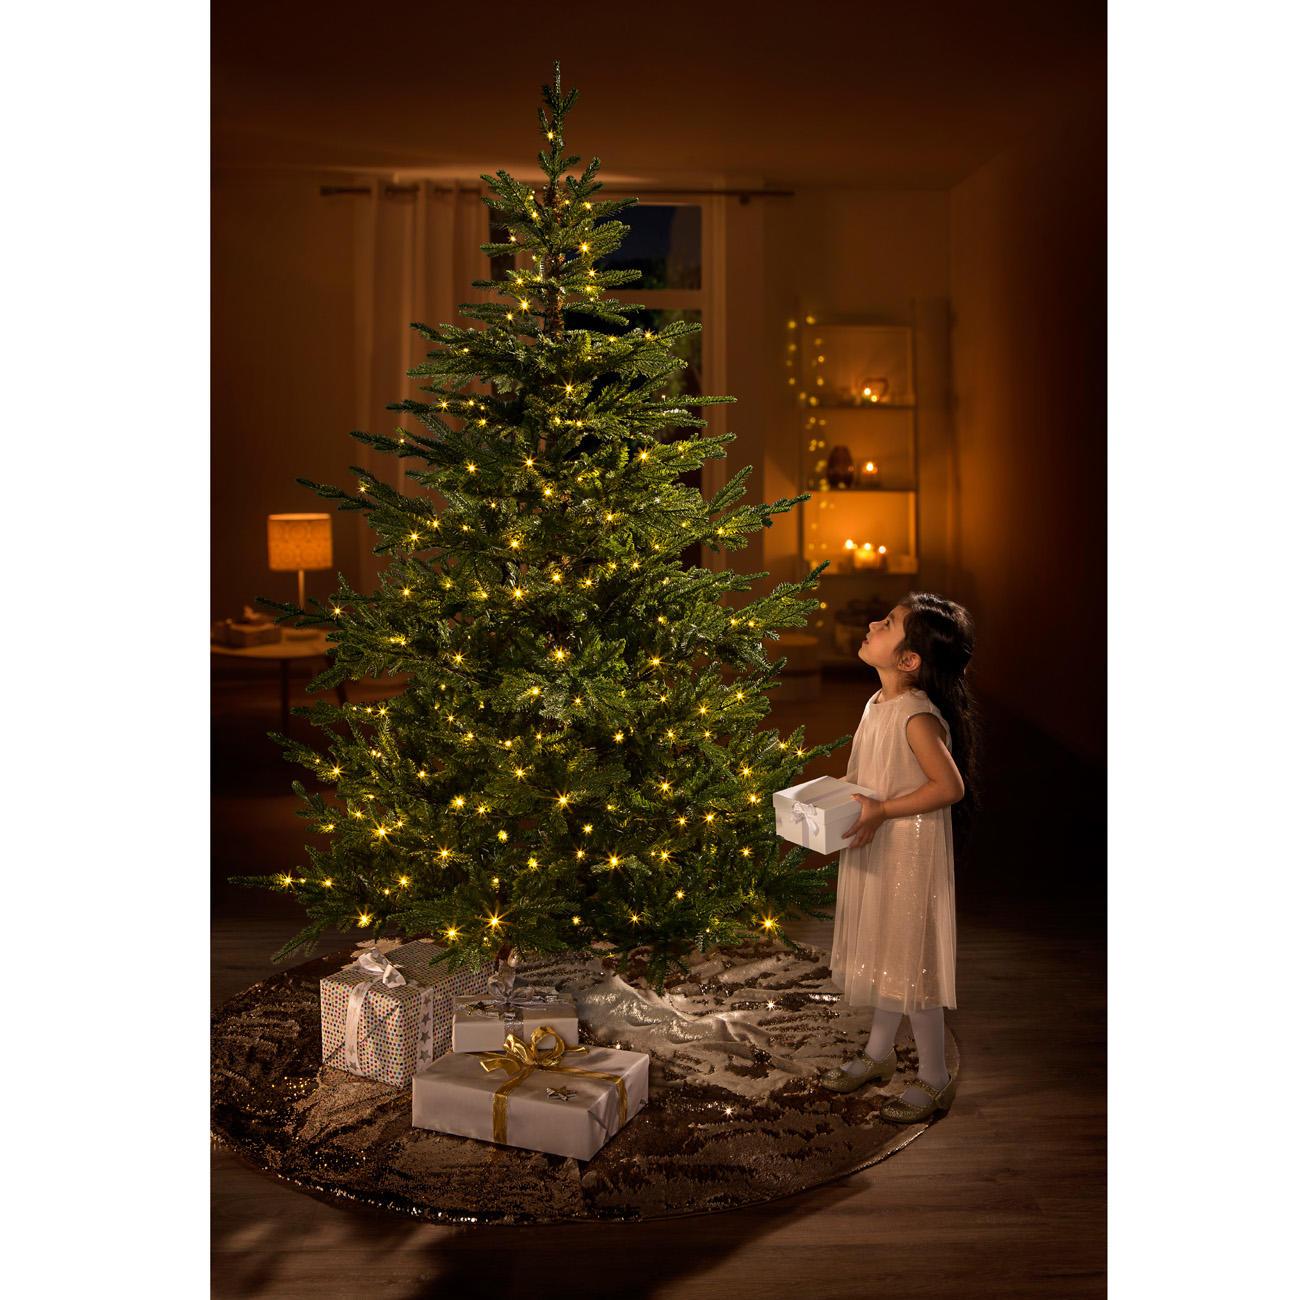 Wo Stand Der Erste Weihnachtsbaum.Dauer Tannenbaum Chalet 3 Jahre Garantie Pro Idee